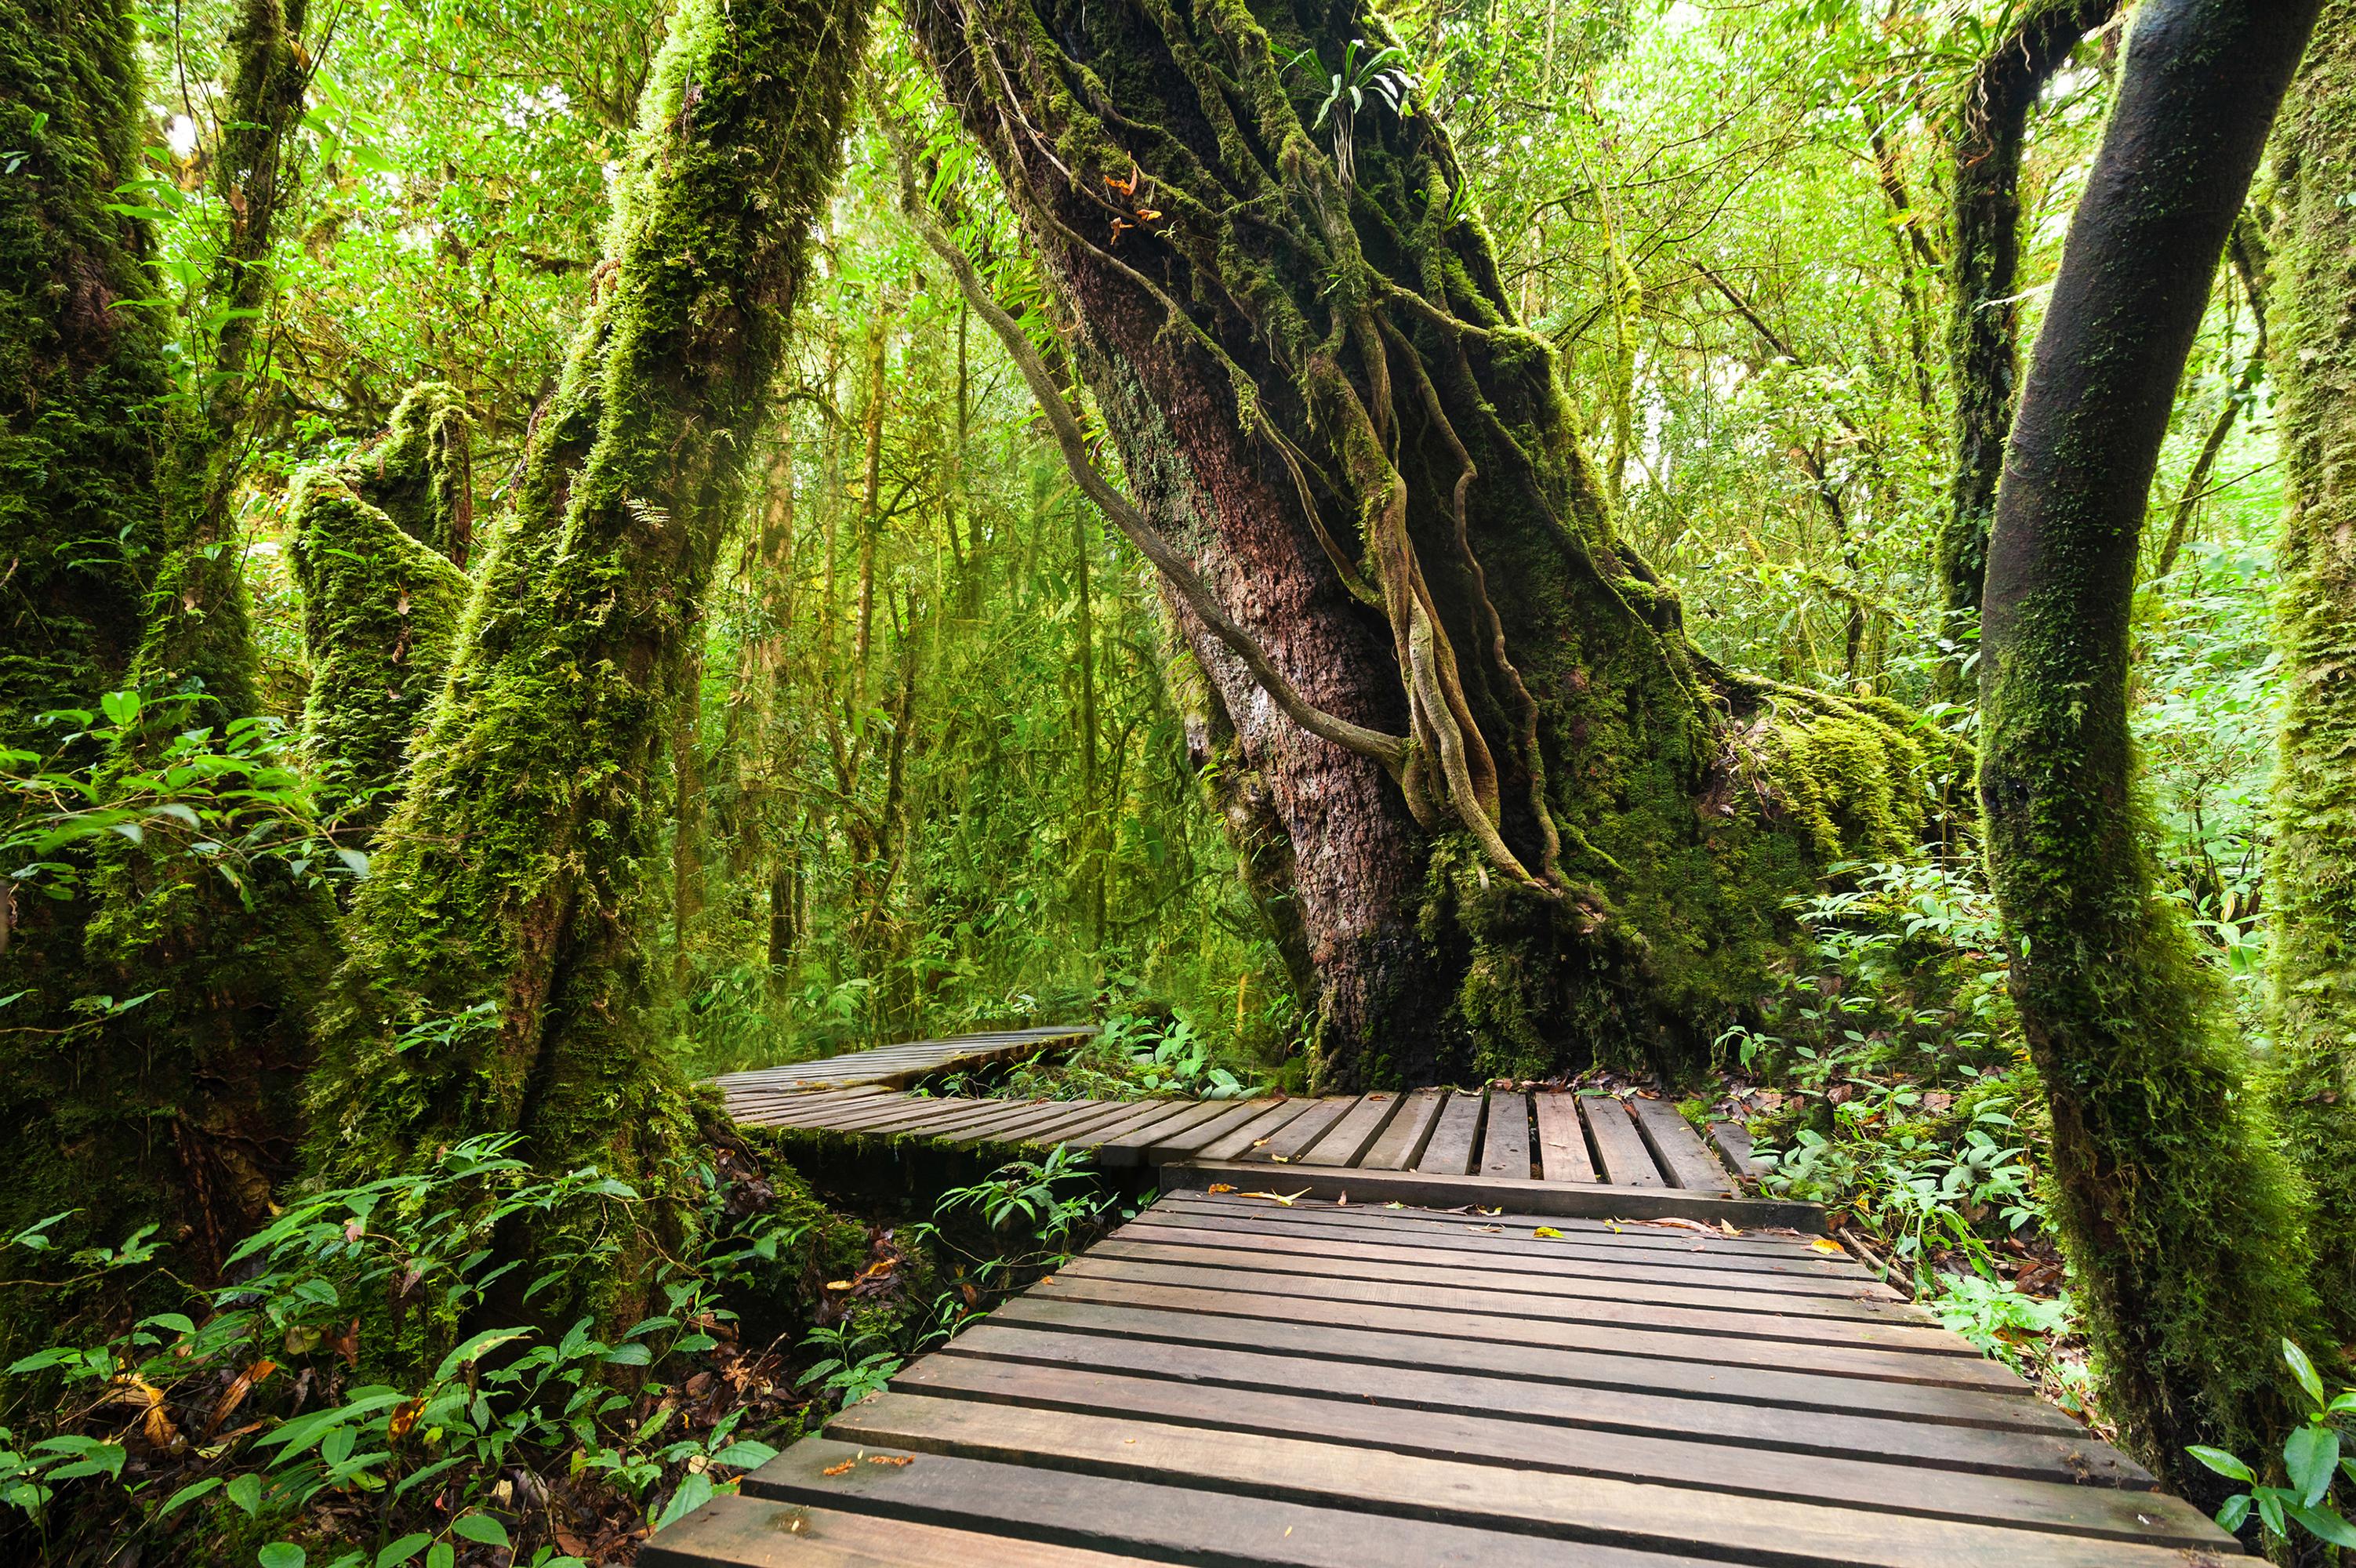 Обои для рабочего стола Таиланд Doi Inthanon National Park Природа лес Парки Тропики Ствол дерева Мох 3005x2000 Леса парк тропический мха мхом